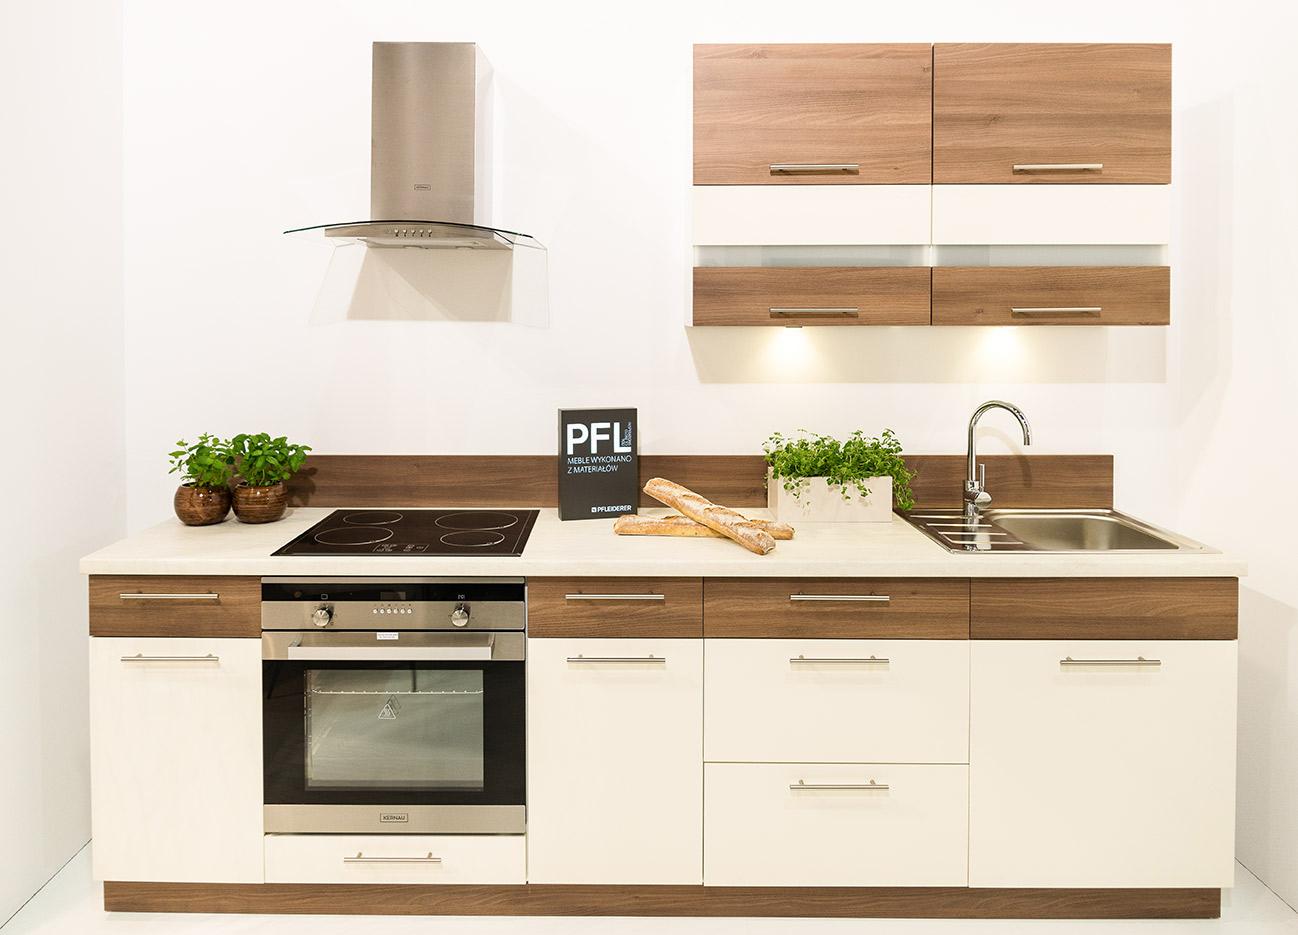 k che 240cm schr nke k chenzeile zimt akazie vanille glanz neu schnell ebay. Black Bedroom Furniture Sets. Home Design Ideas